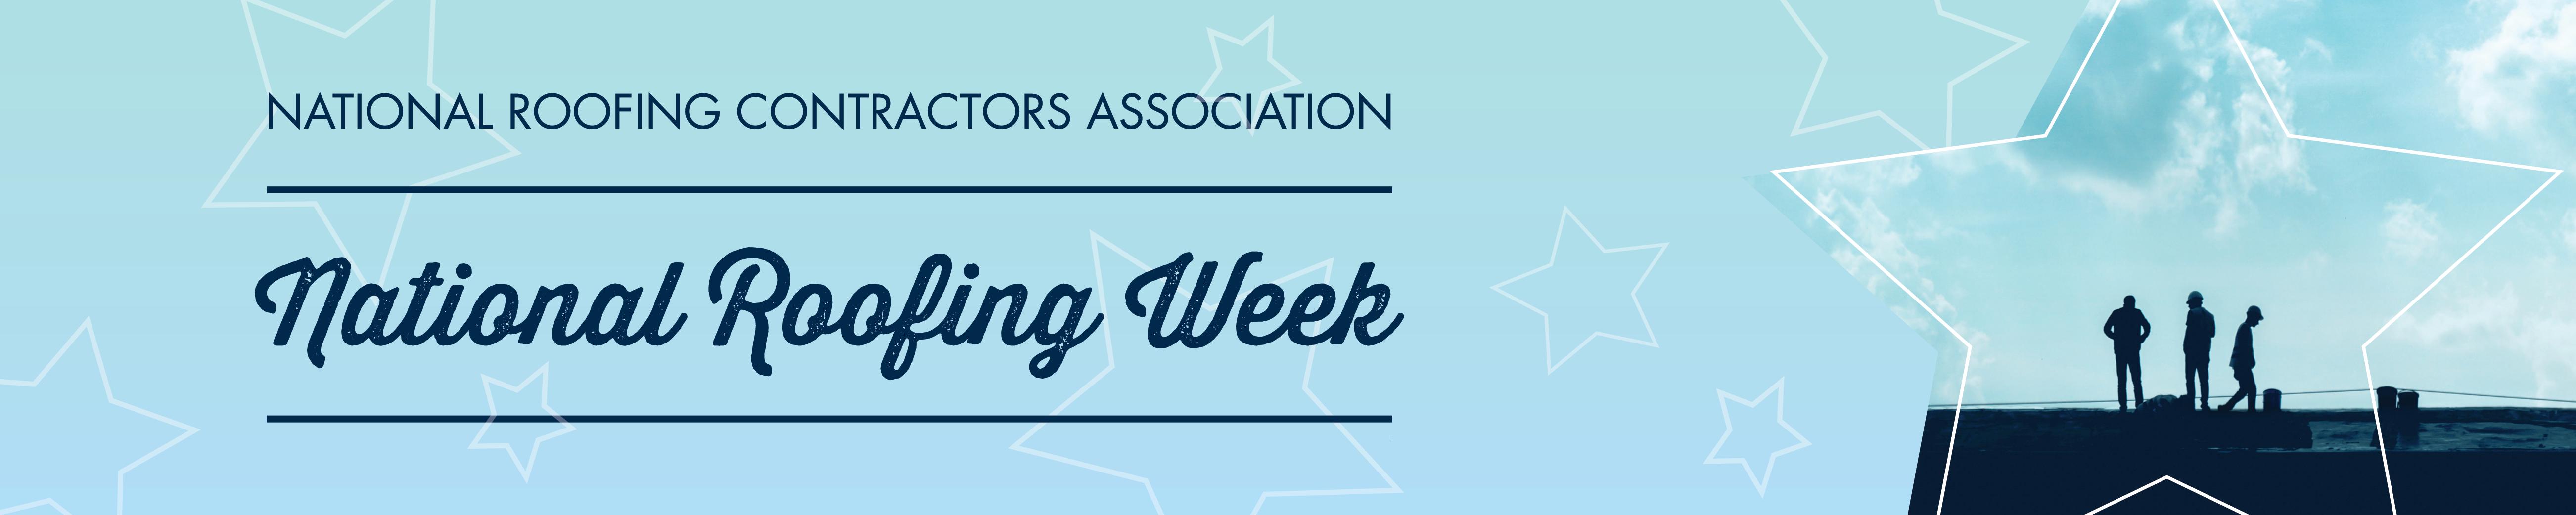 National Roofing Week